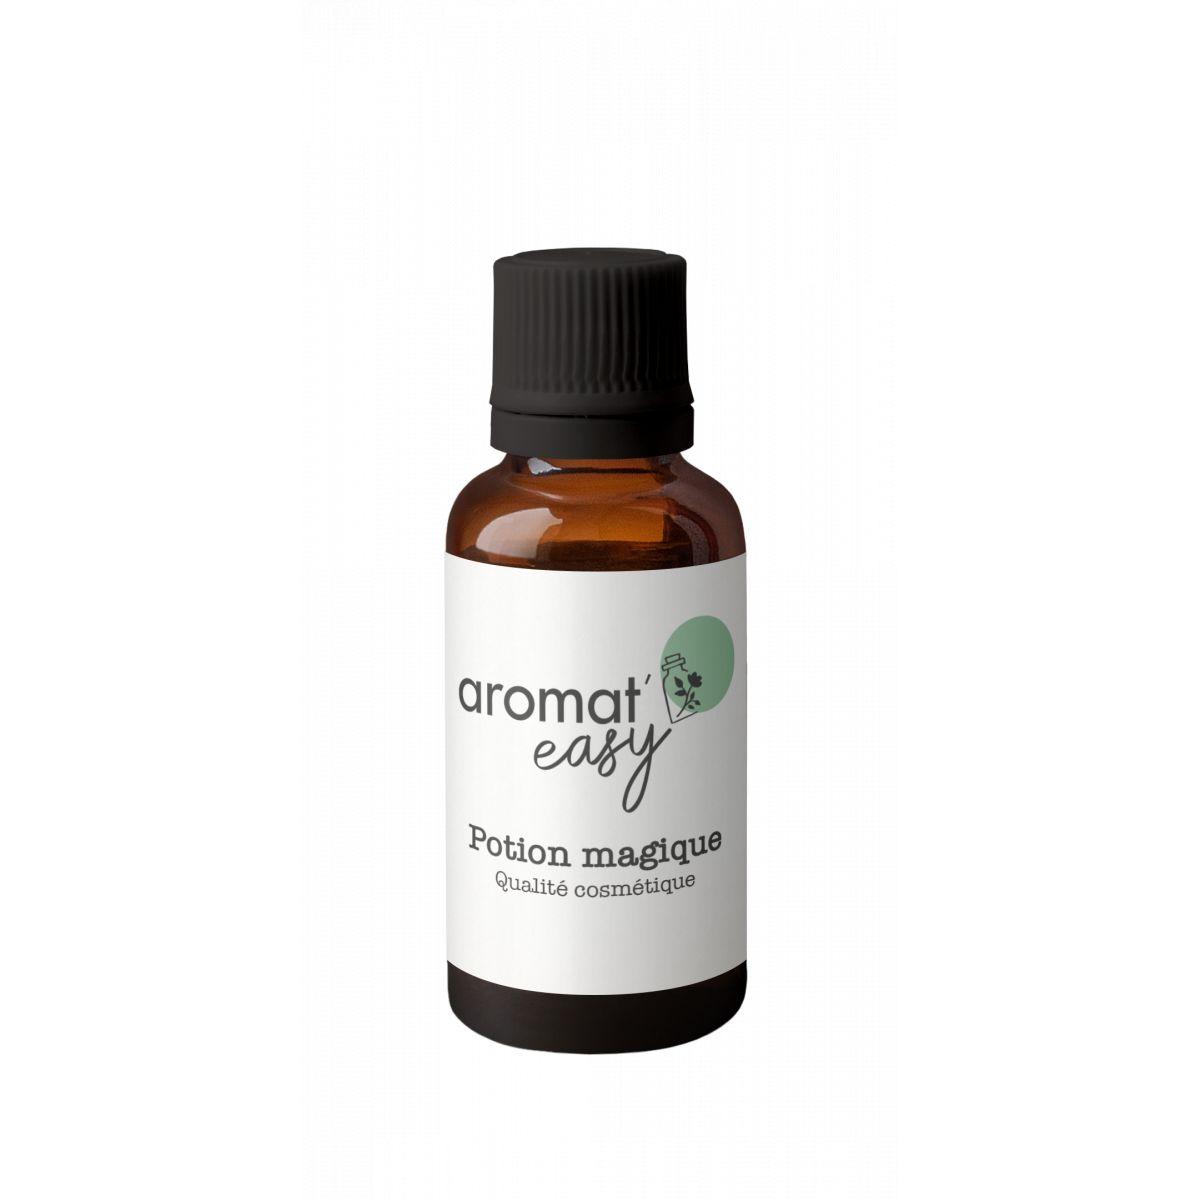 Fragrance Potion magique